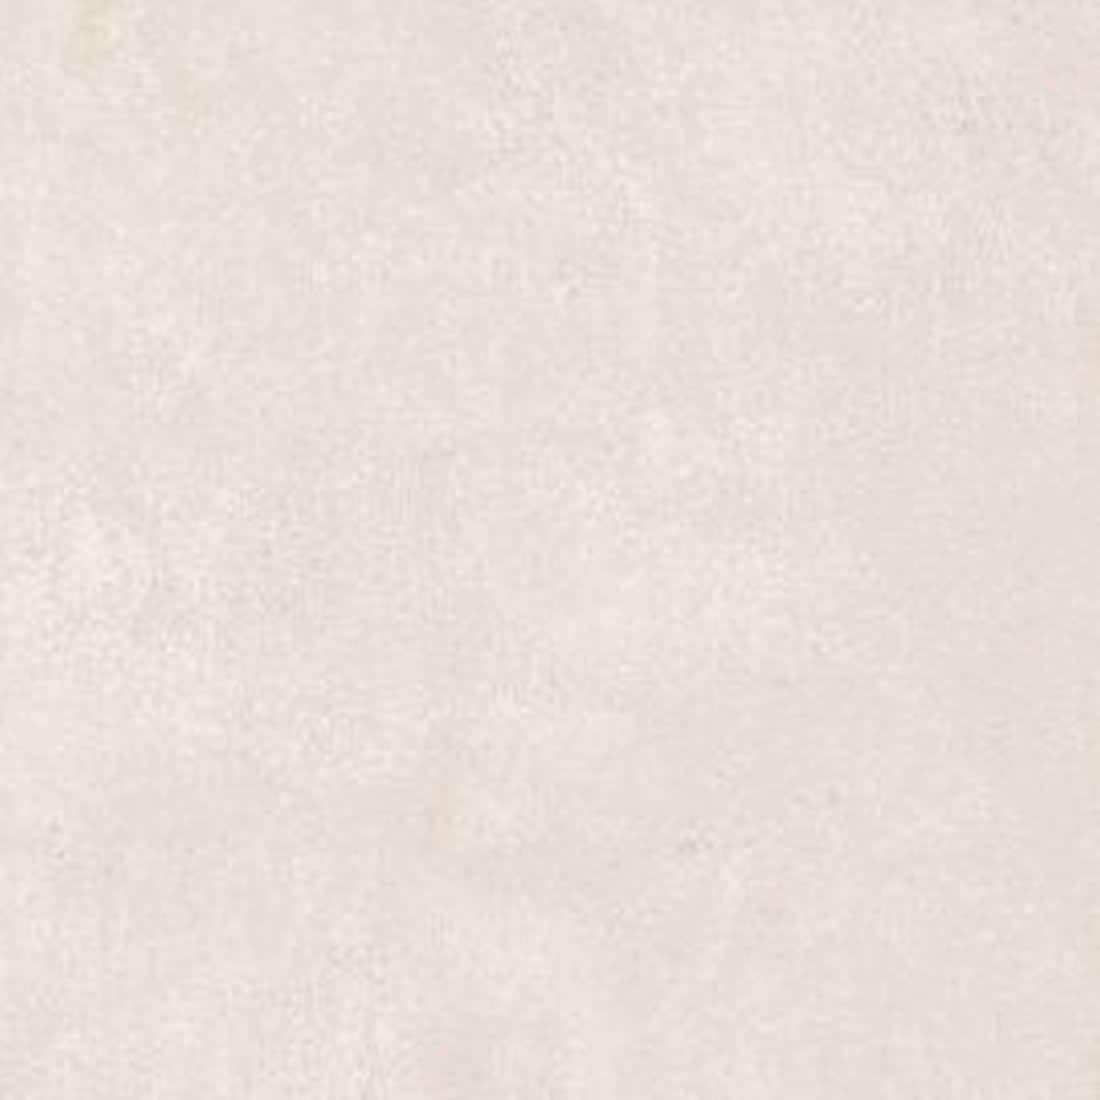 Porcelanato Embramaco 62 x 62 Cemento Bianco Acetinado Ref: 62/4019